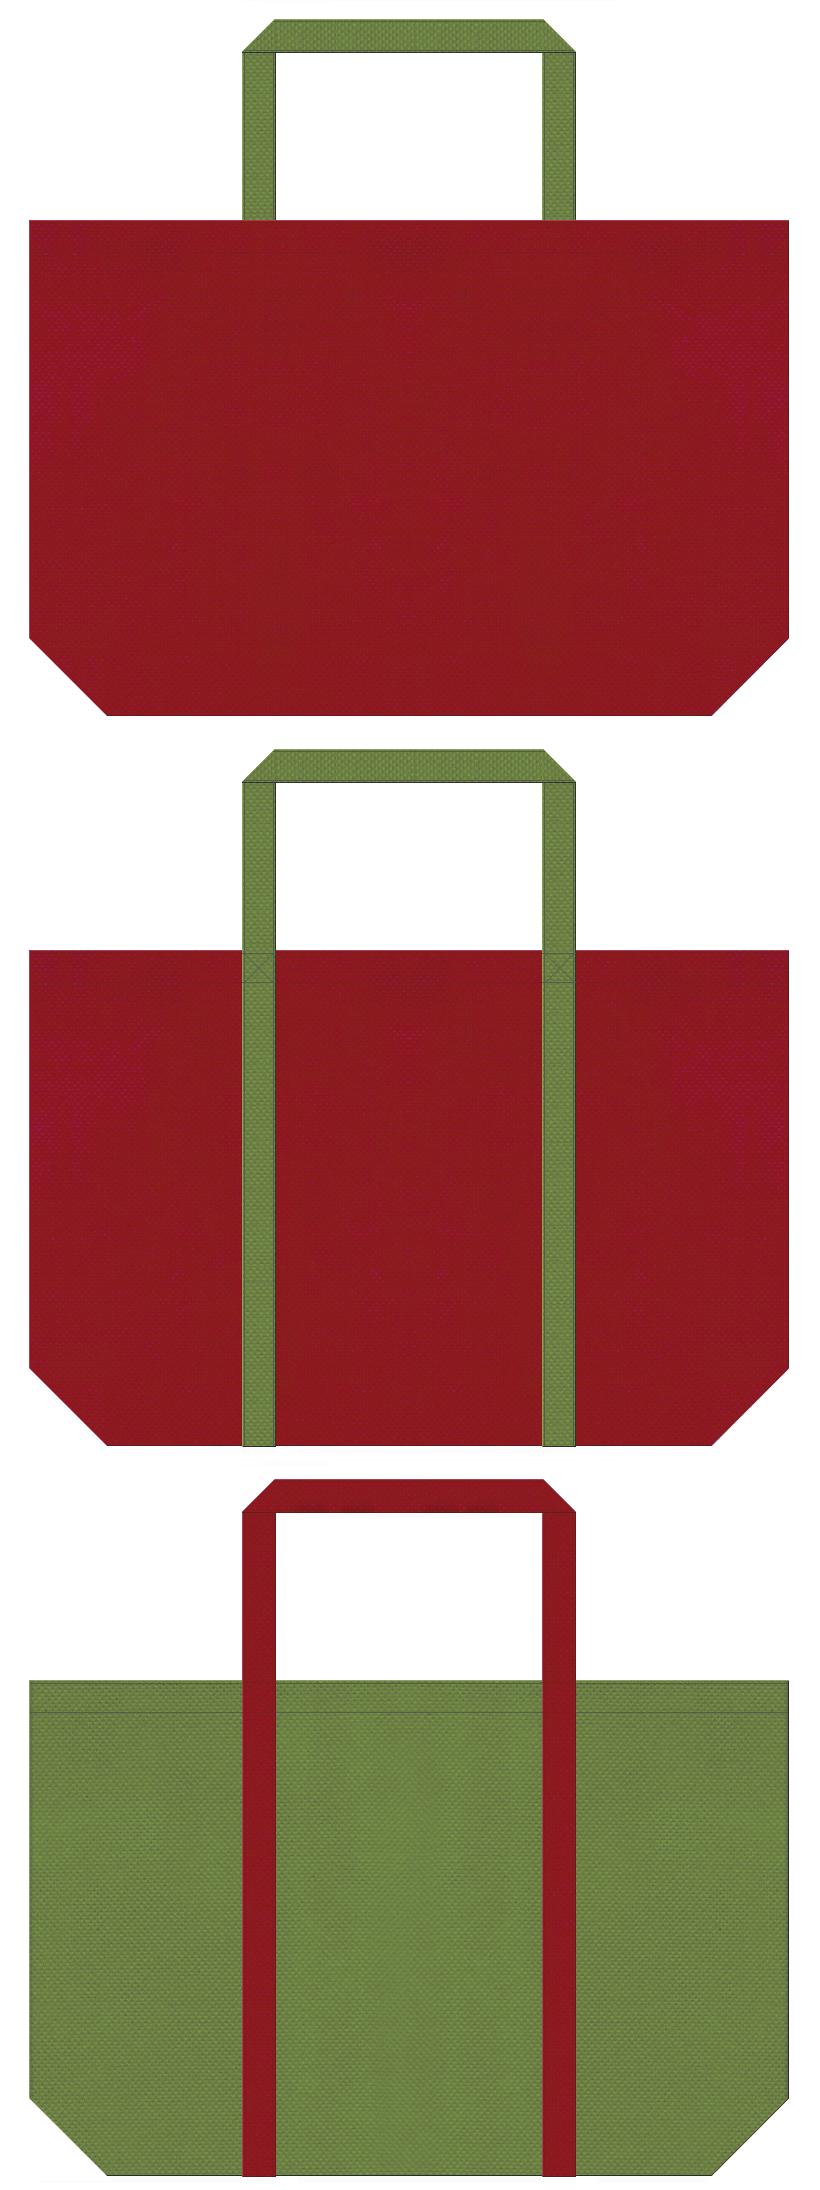 着物・帯・草履・抹茶ぜんざい・茶店・和菓子・伝統工芸・和風装飾・和風催事にお奨め:エンジ色と草色の不織布ショッピングバッグのデザイン